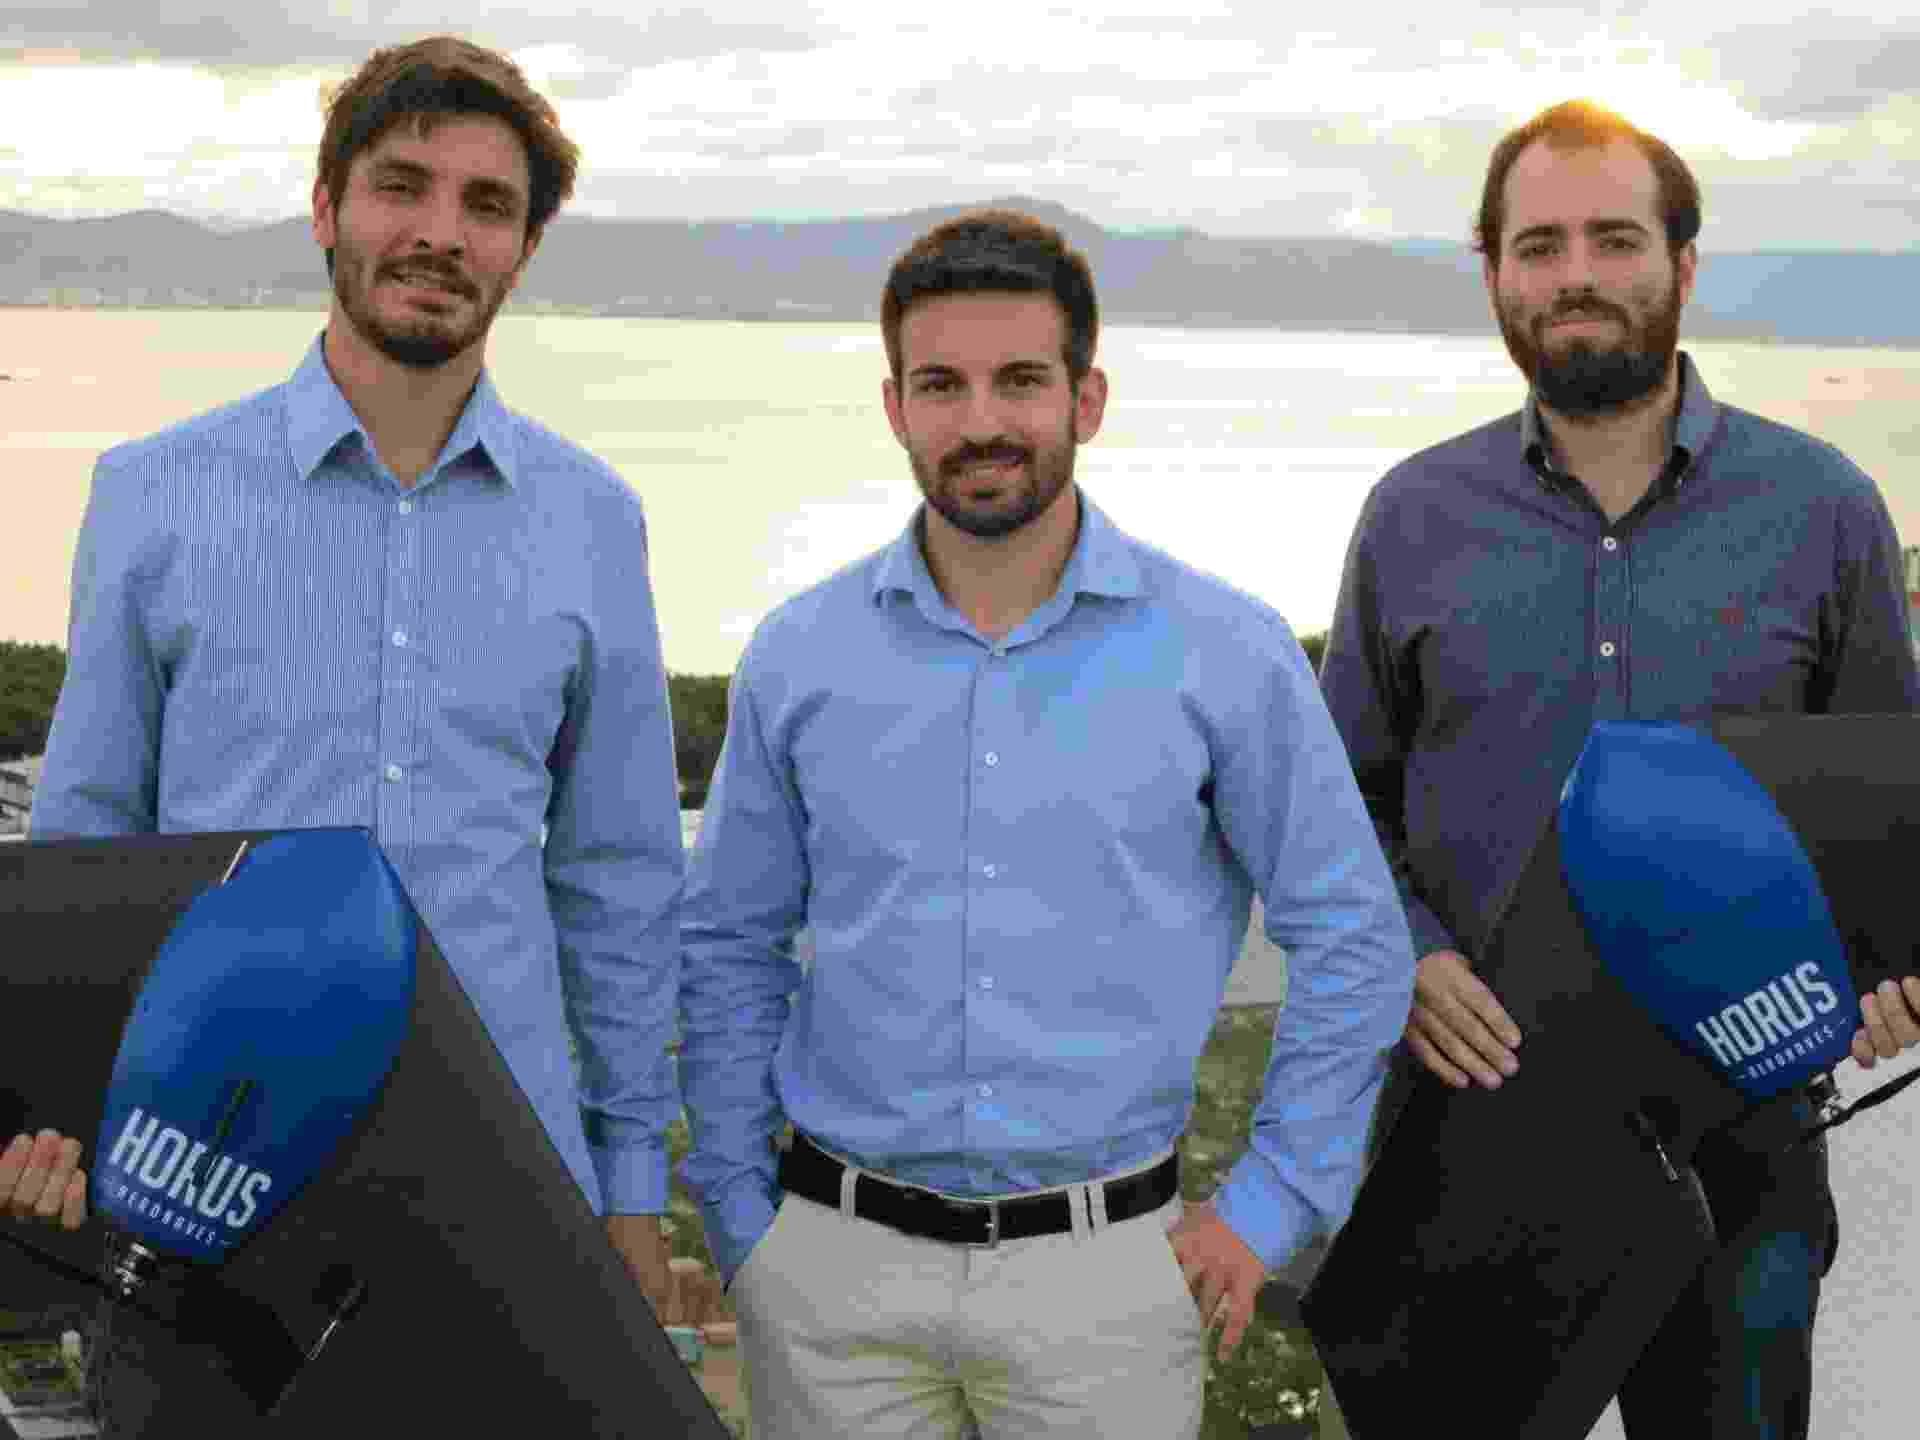 Sócios da Horus Aeronaves: da esquerda para direita, Lucas Mondadori, Fabrício Hertz e Lucas Bastos - Divulgação